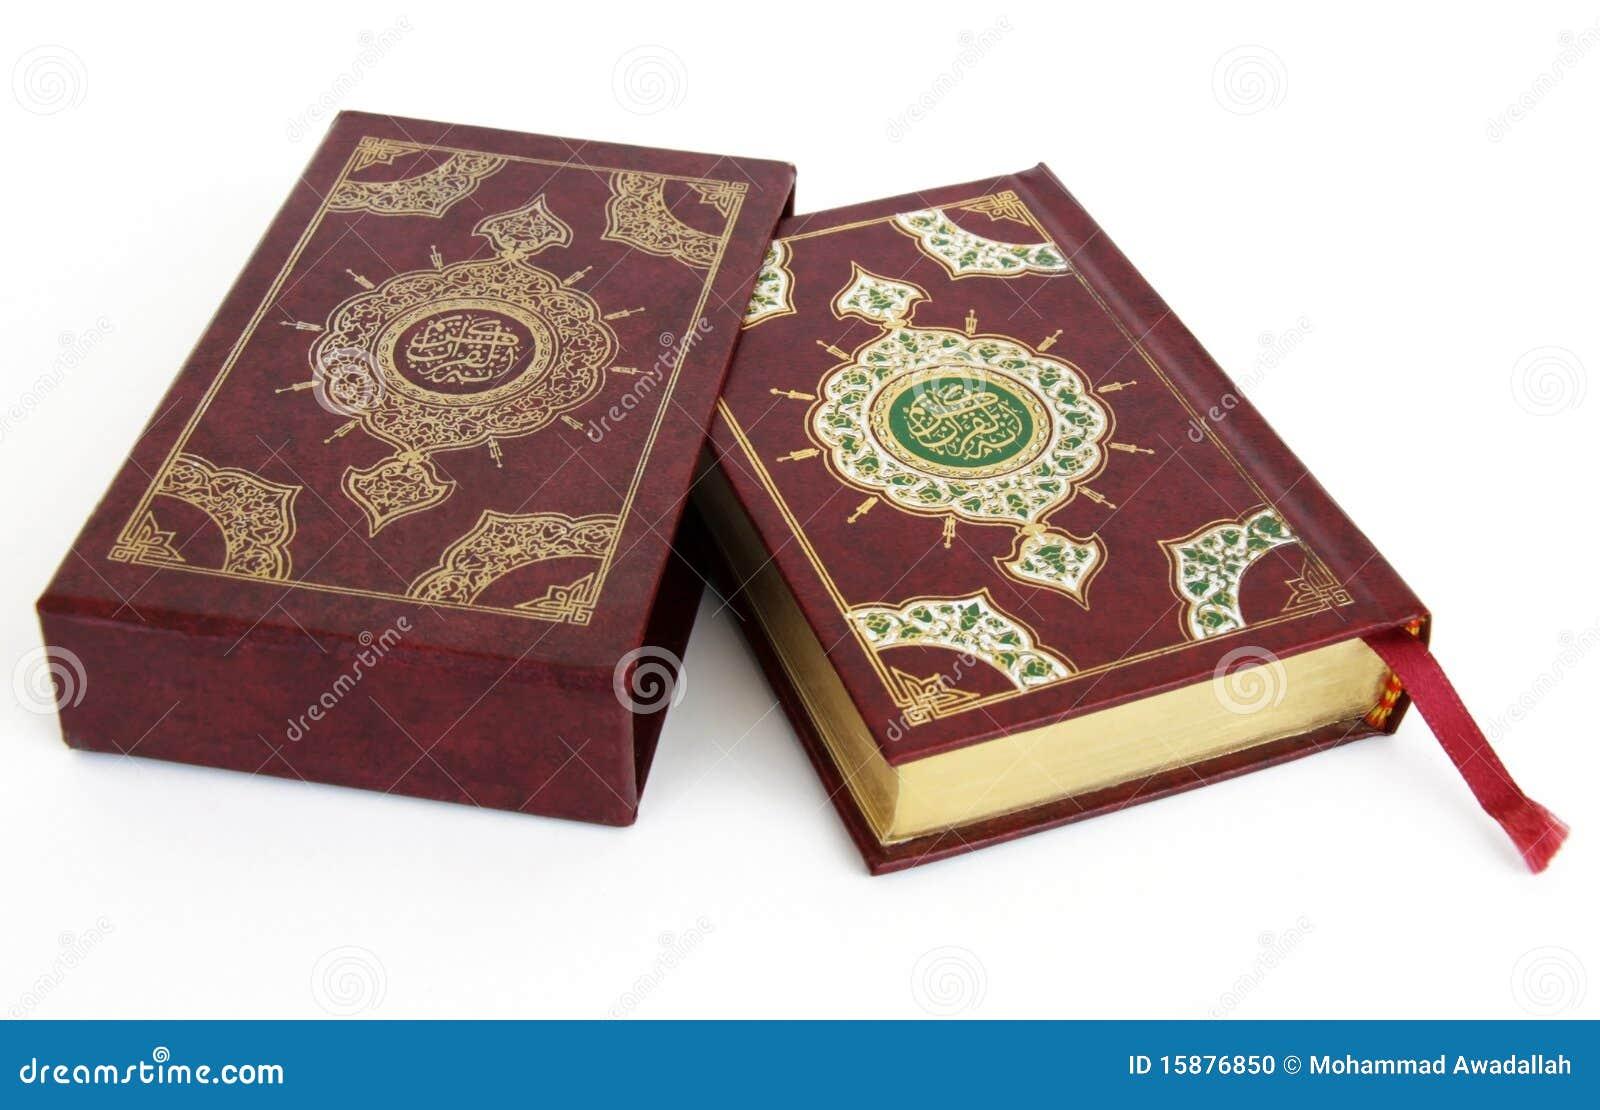 Al Karim koran